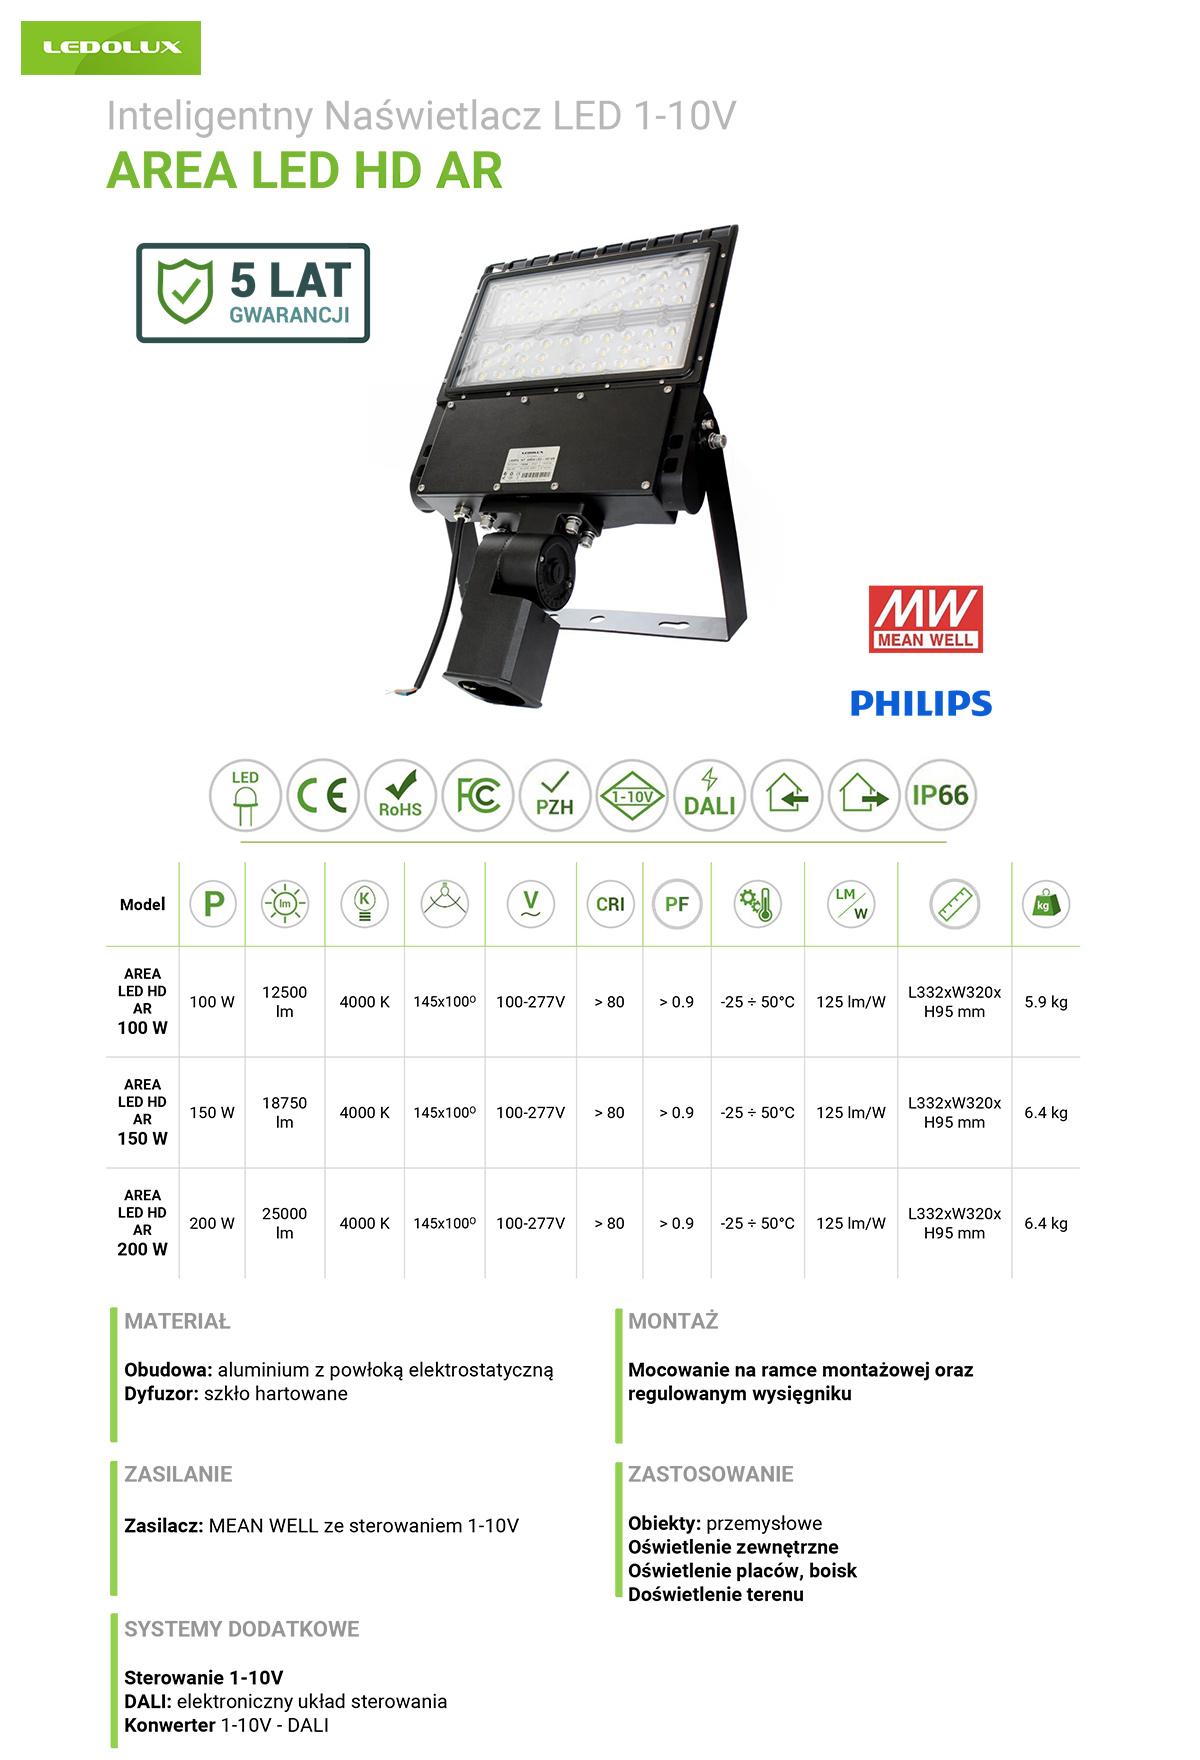 Naświetlacz LED HD AR